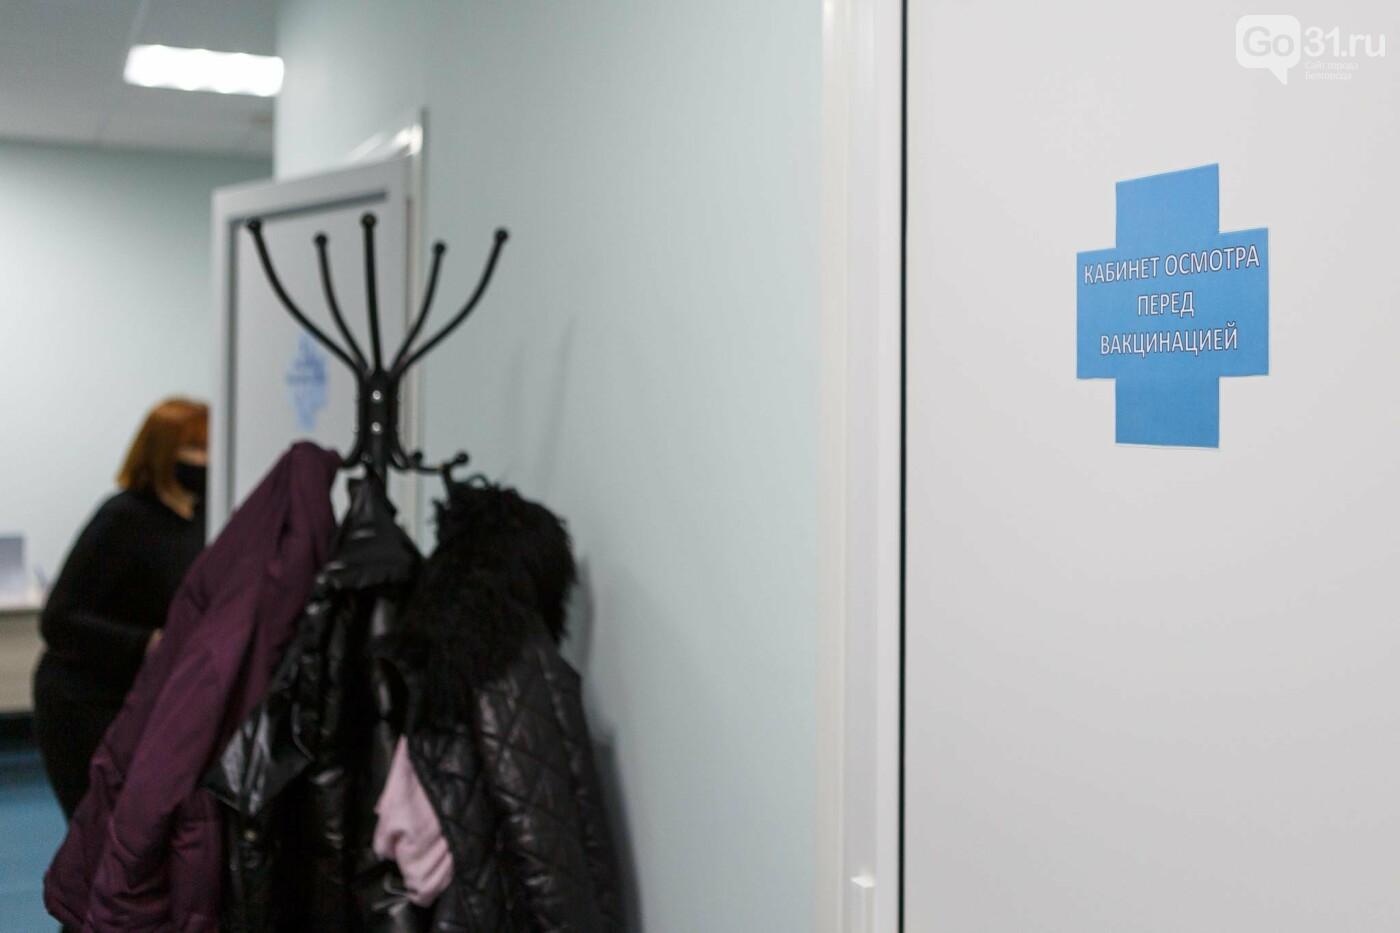 В торговом центре Белгорода открыли пункт вакцинации